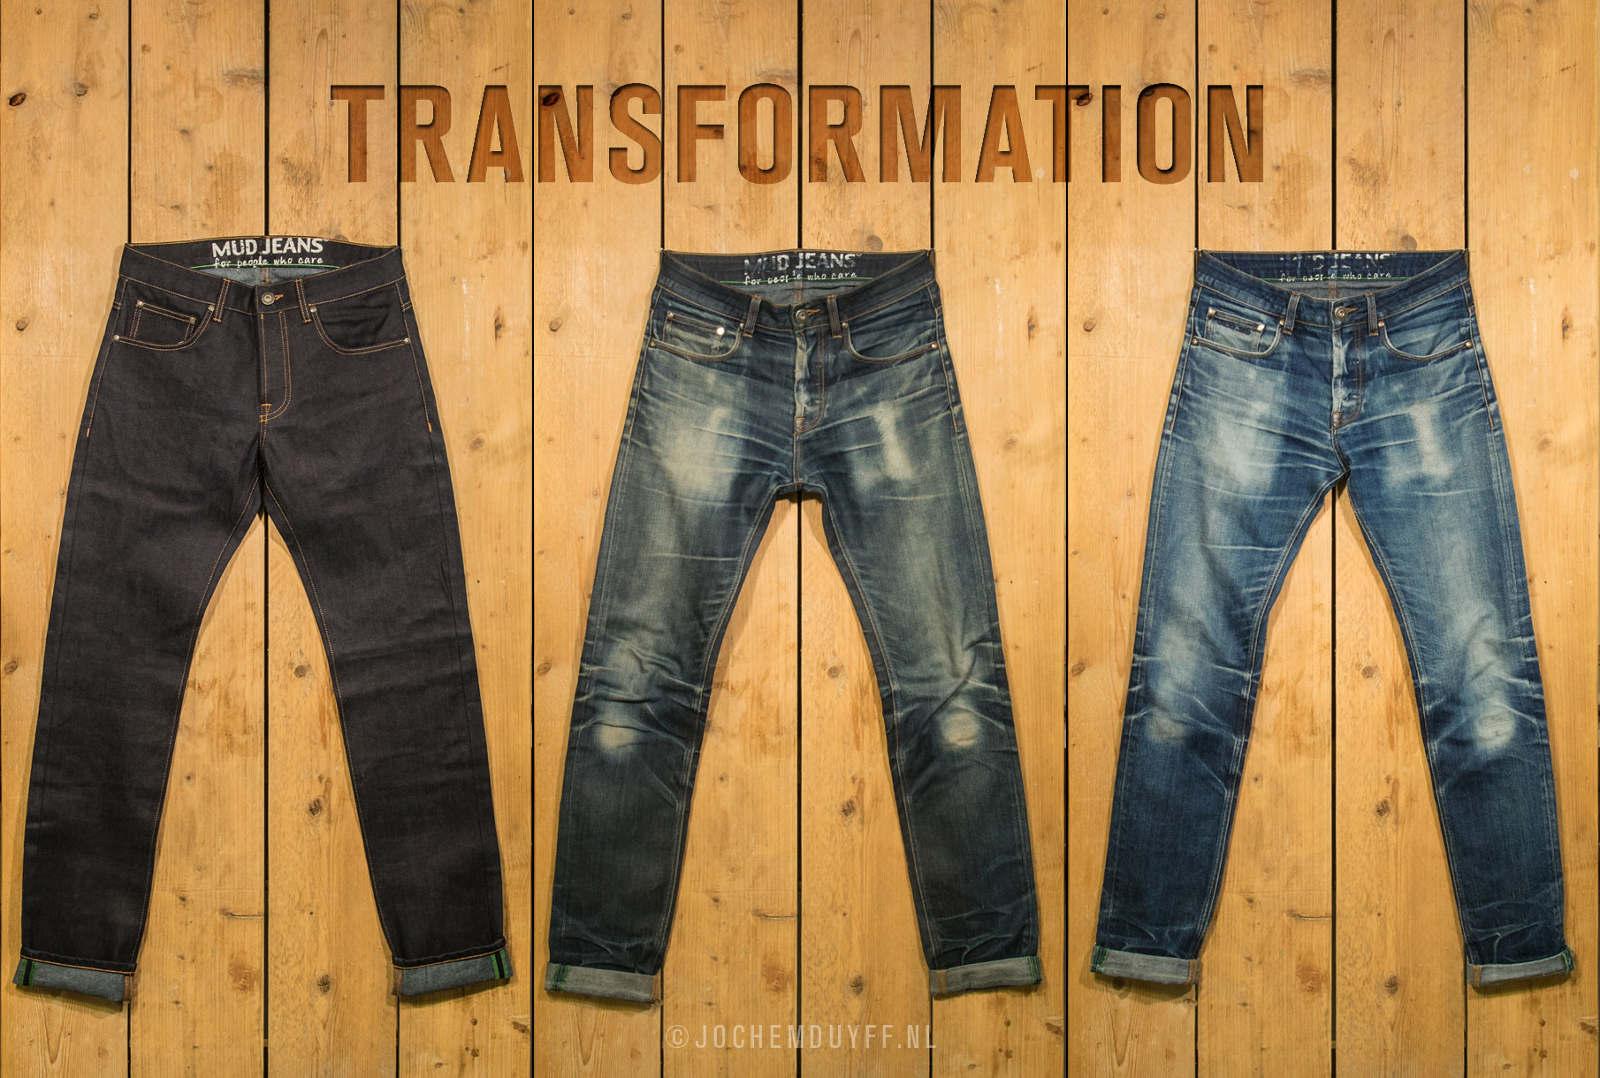 fantastinen säästö hieno muotoilu uusi saapuu My life in MUD Jeans - Jochem Duyff